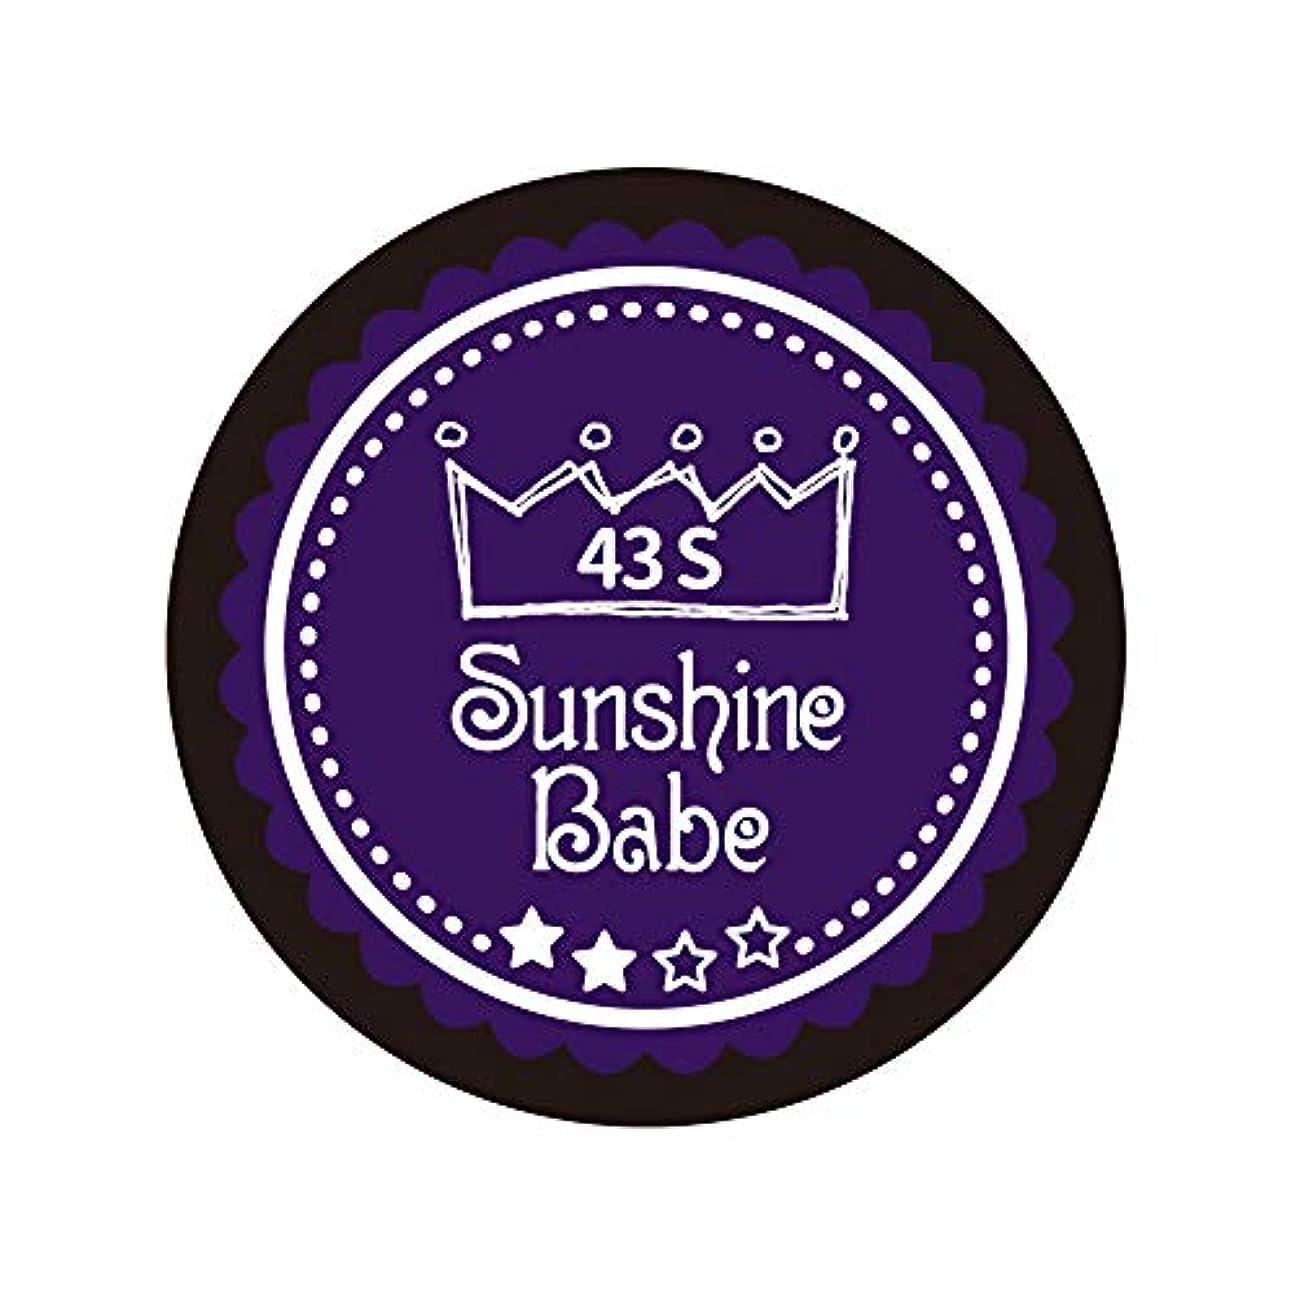 果てしない怒る遊具Sunshine Babe カラージェル 43S オータムウルトラバイオレット 2.7g UV/LED対応